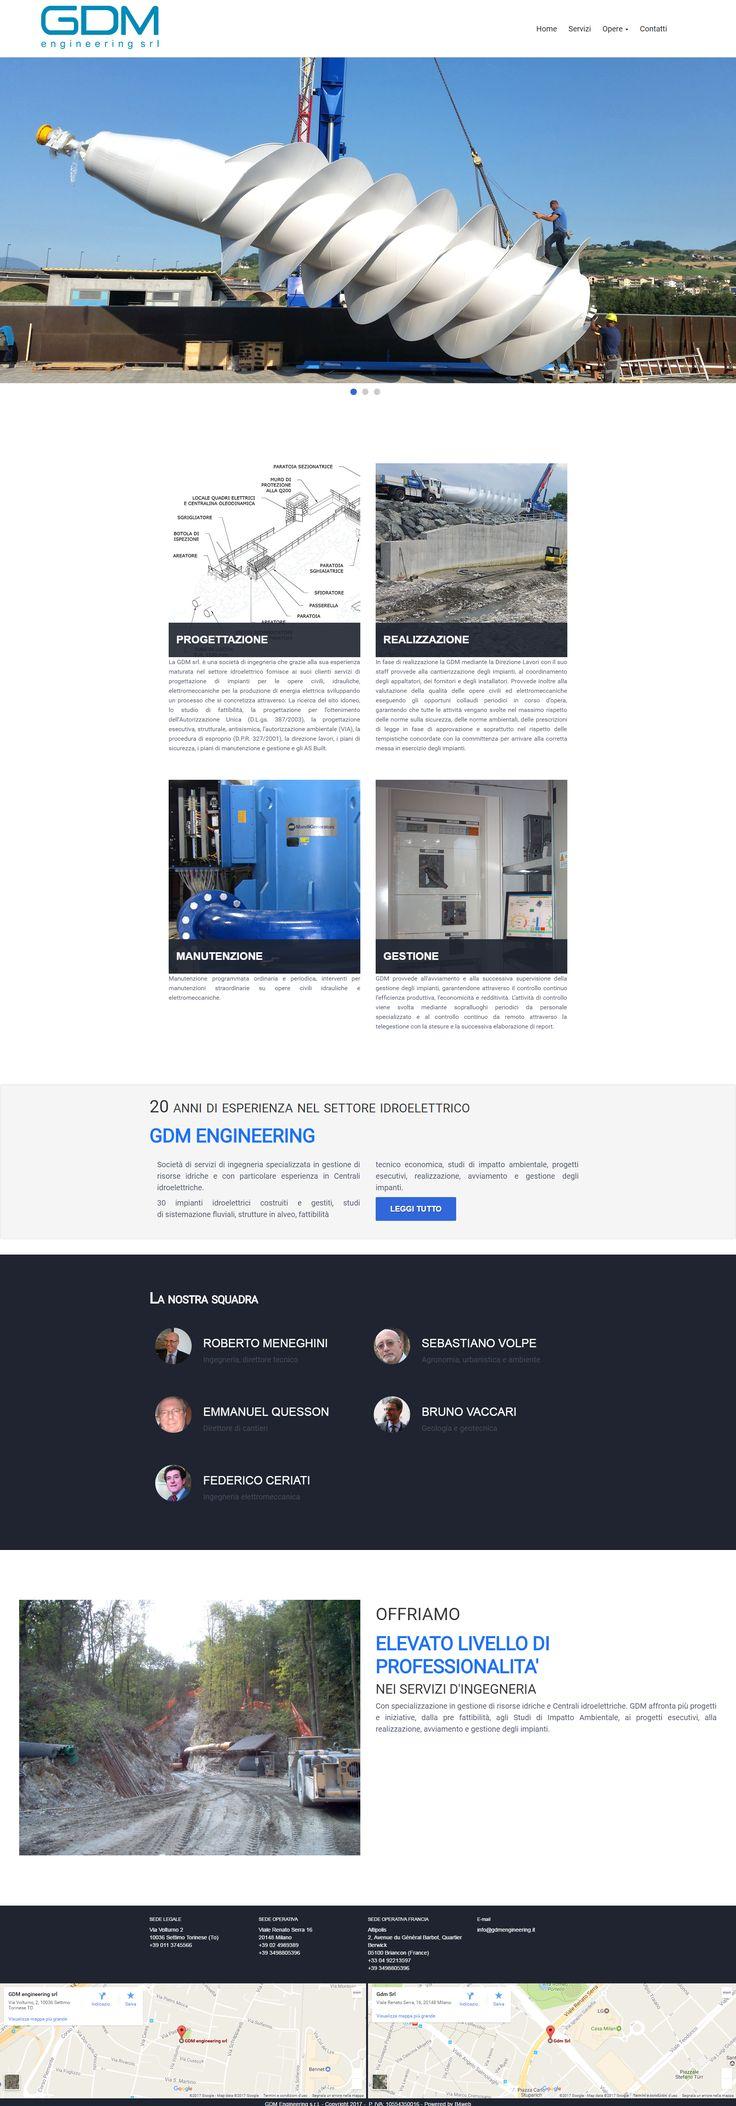 Realizzazione sito web. La GDM srl. è una società di ingegneria che grazie alla sua esperienza maturata nel settore idroelettrico fornisce ai suoi clienti servizi di progettazione di impianti per le opere civili, idrauliche, elettromeccaniche per la produzione di energia elettrica.